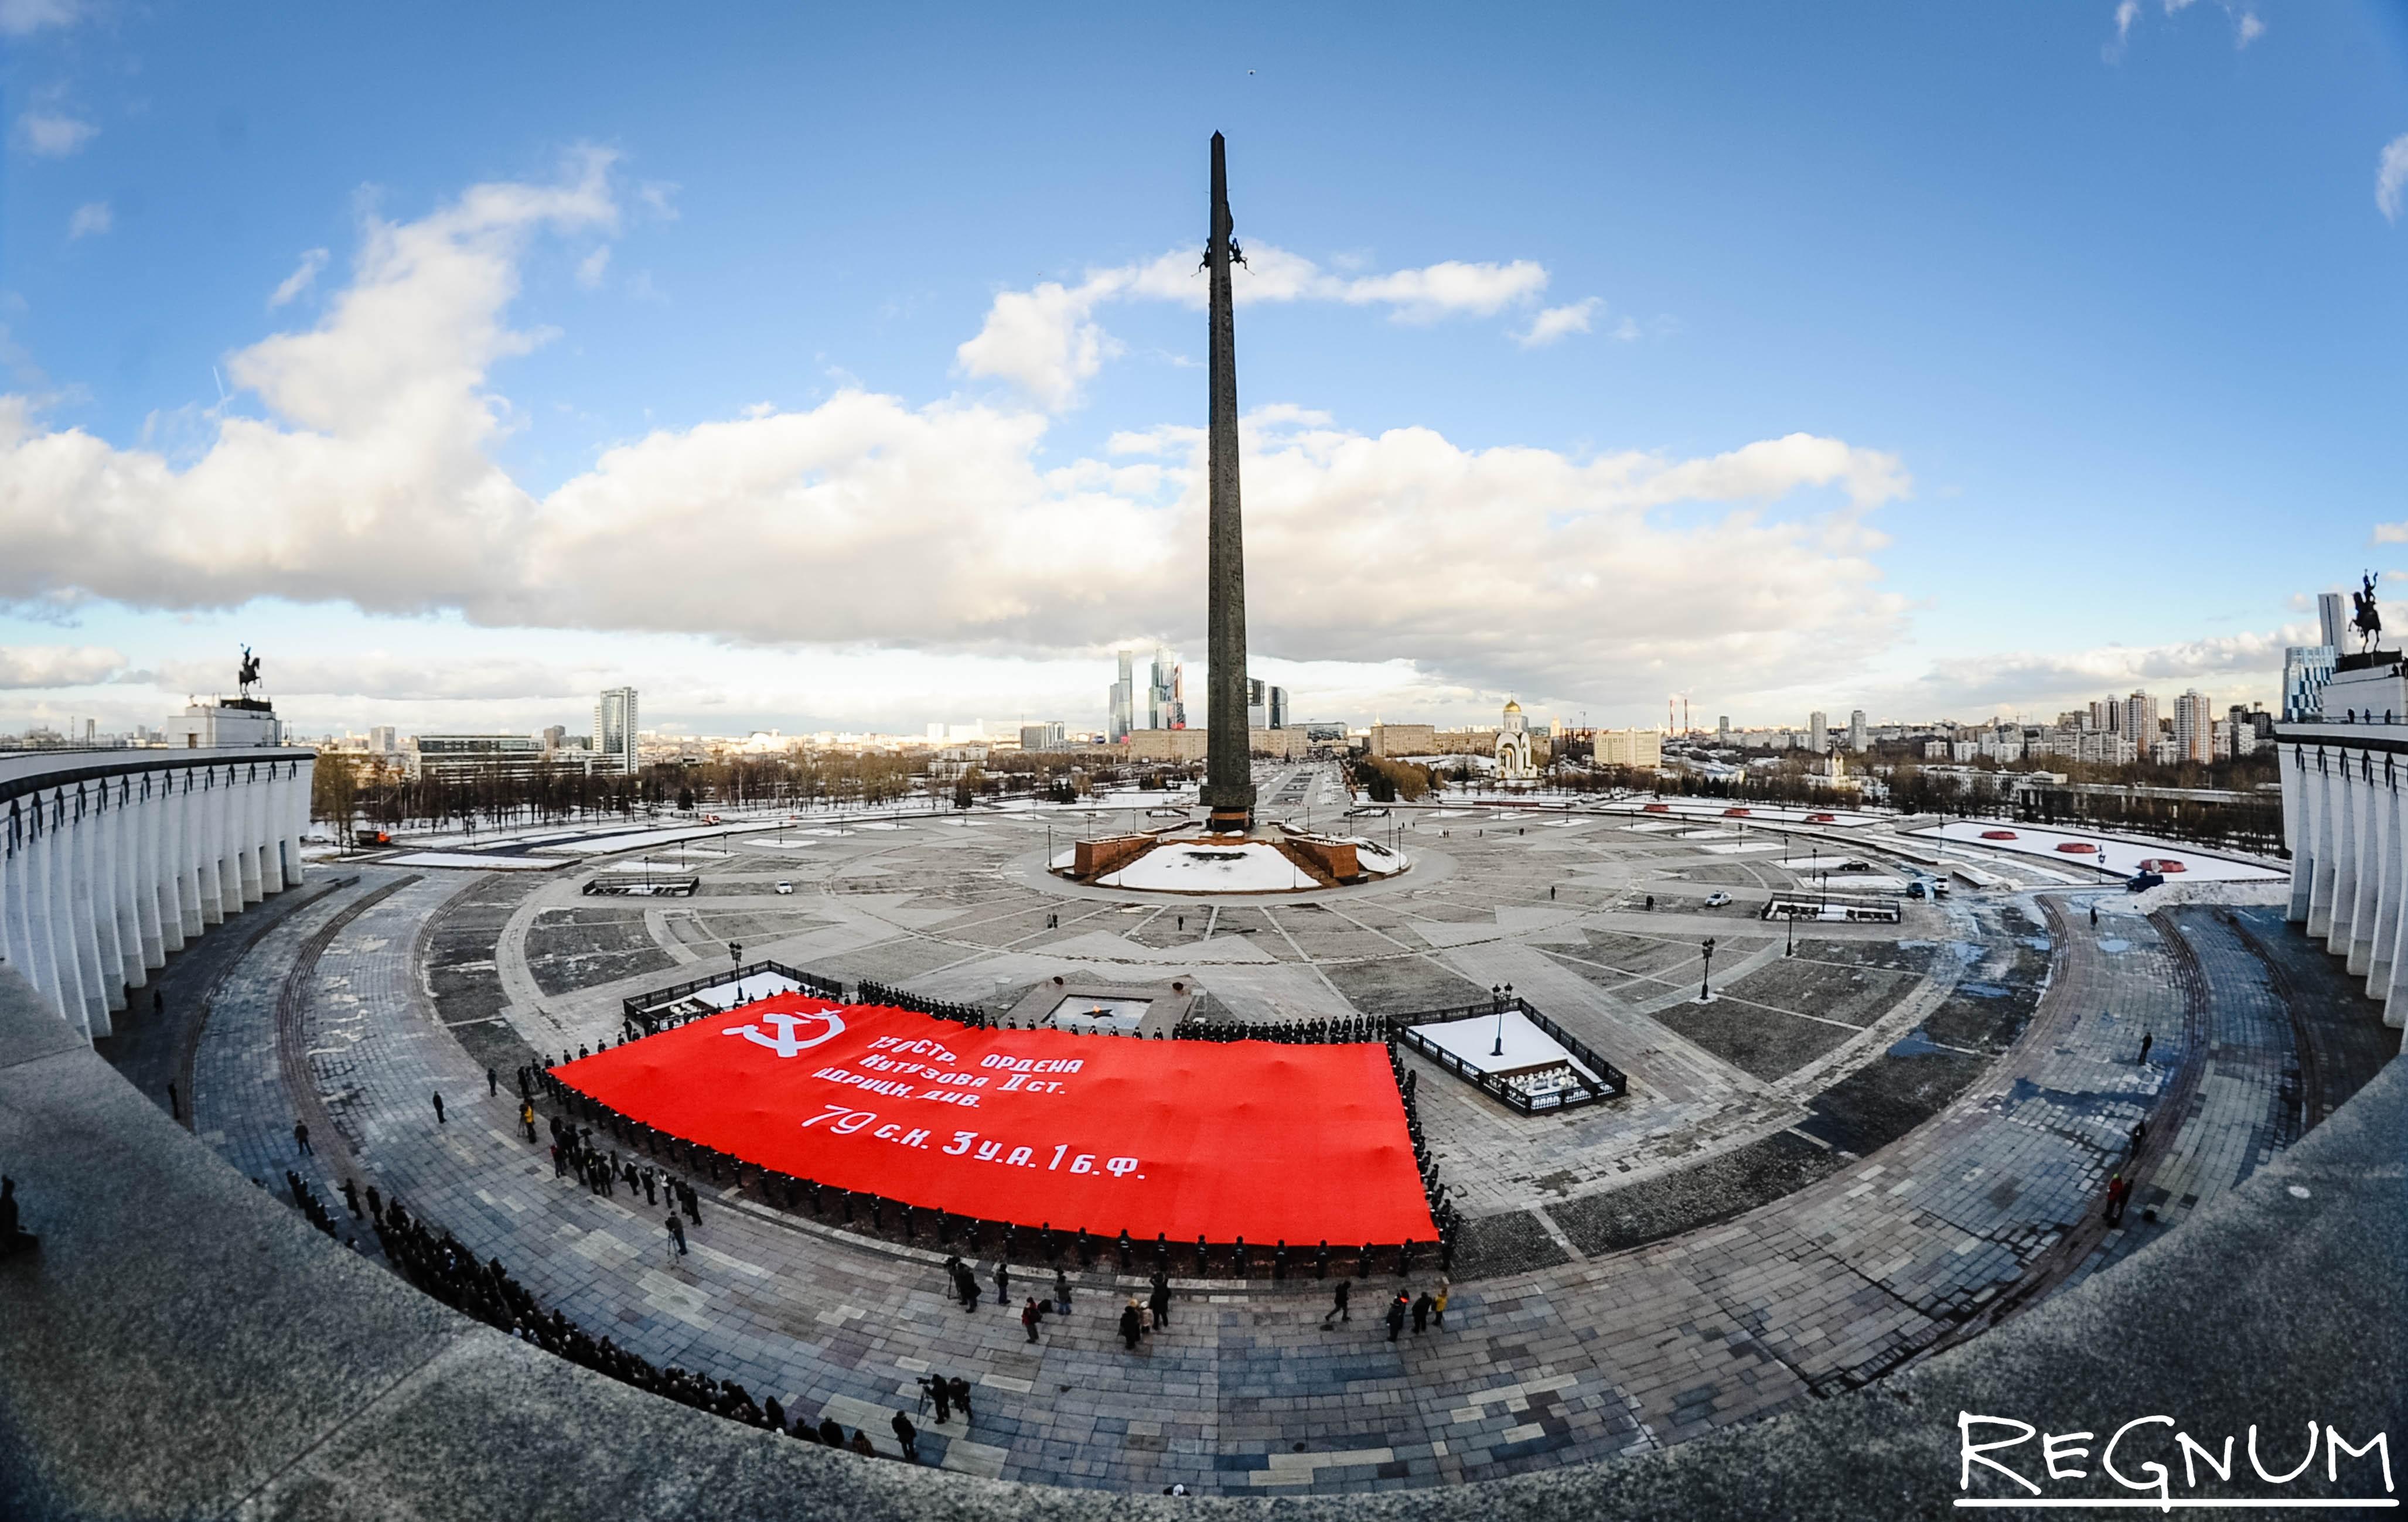 Гигантская копия Знамени Победы, развернутая на Поклонной горе в Москве